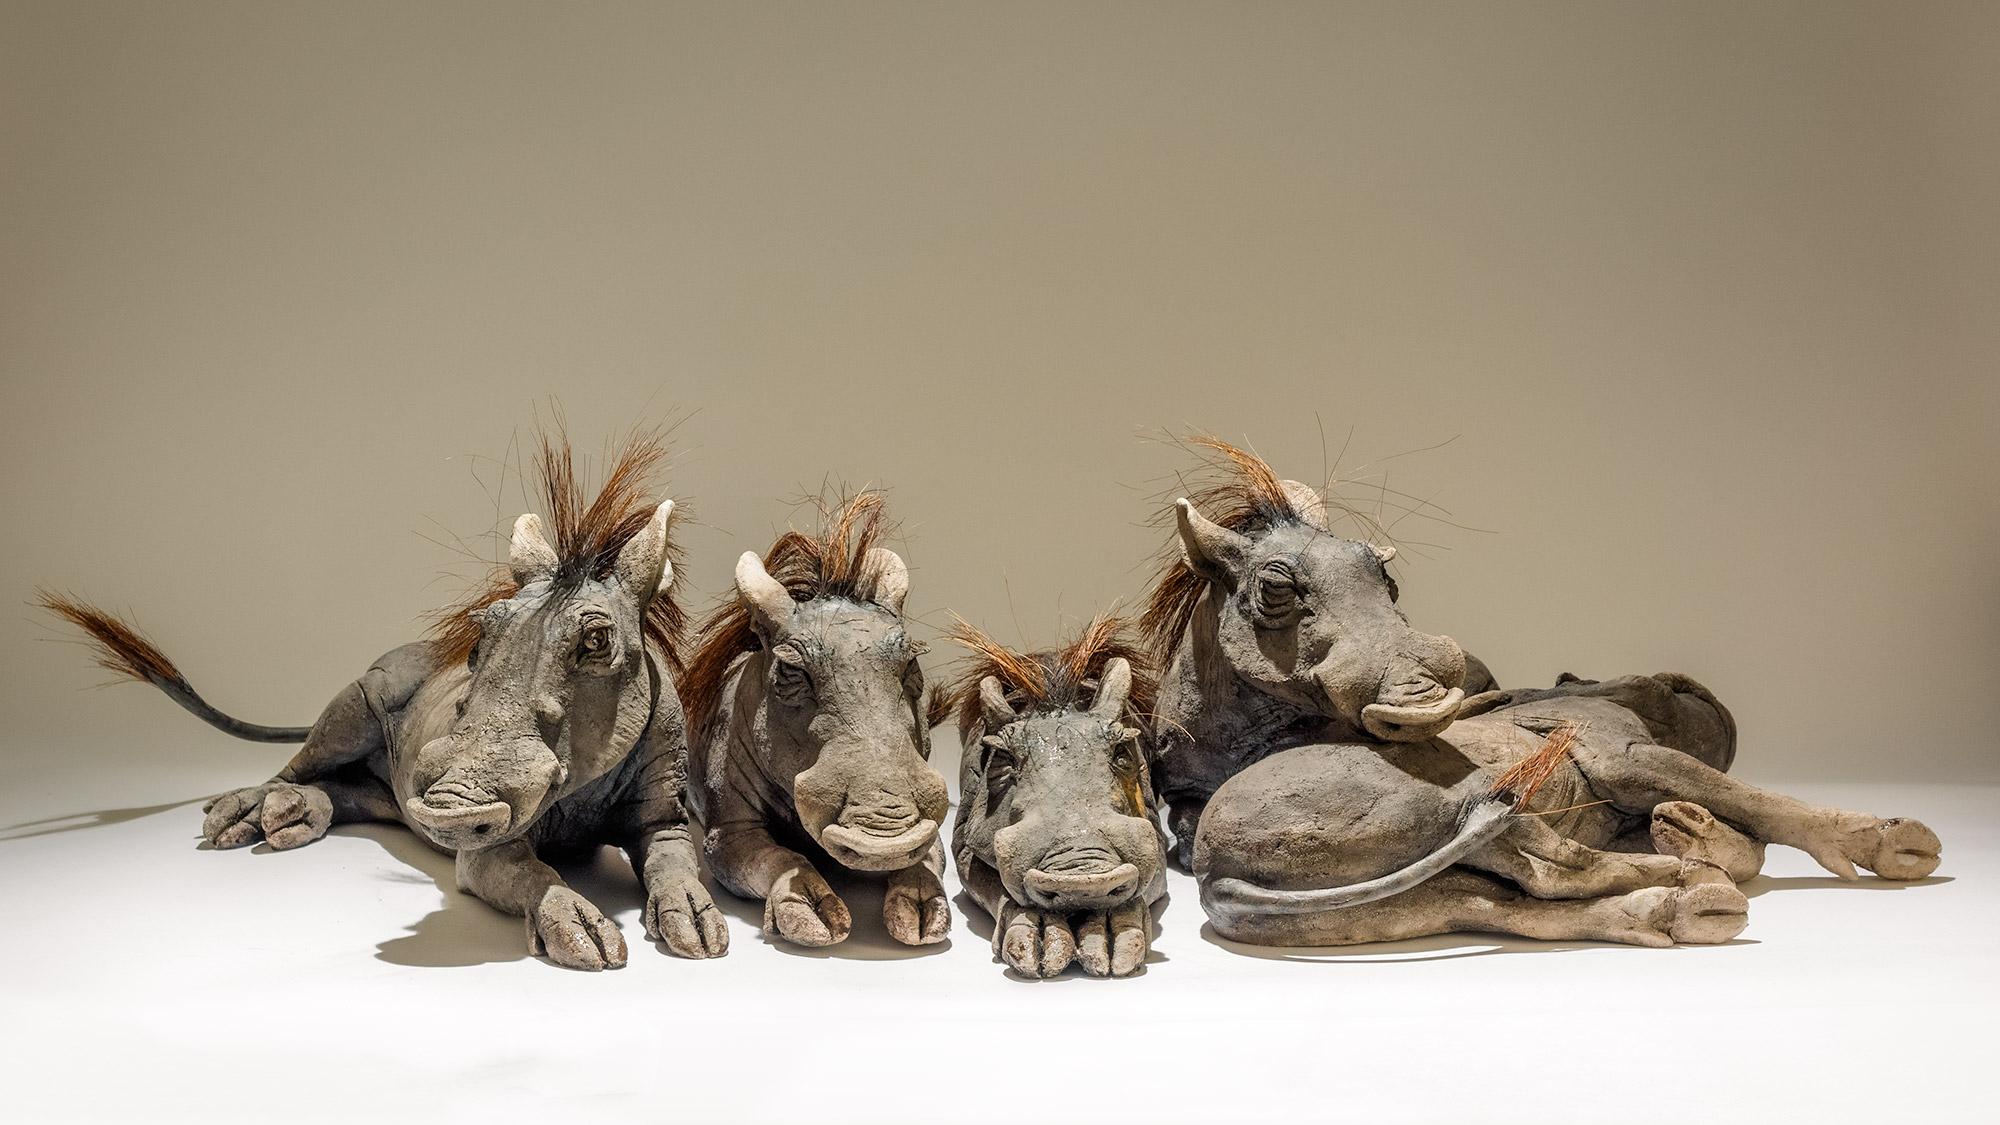 Warthog Sculptures